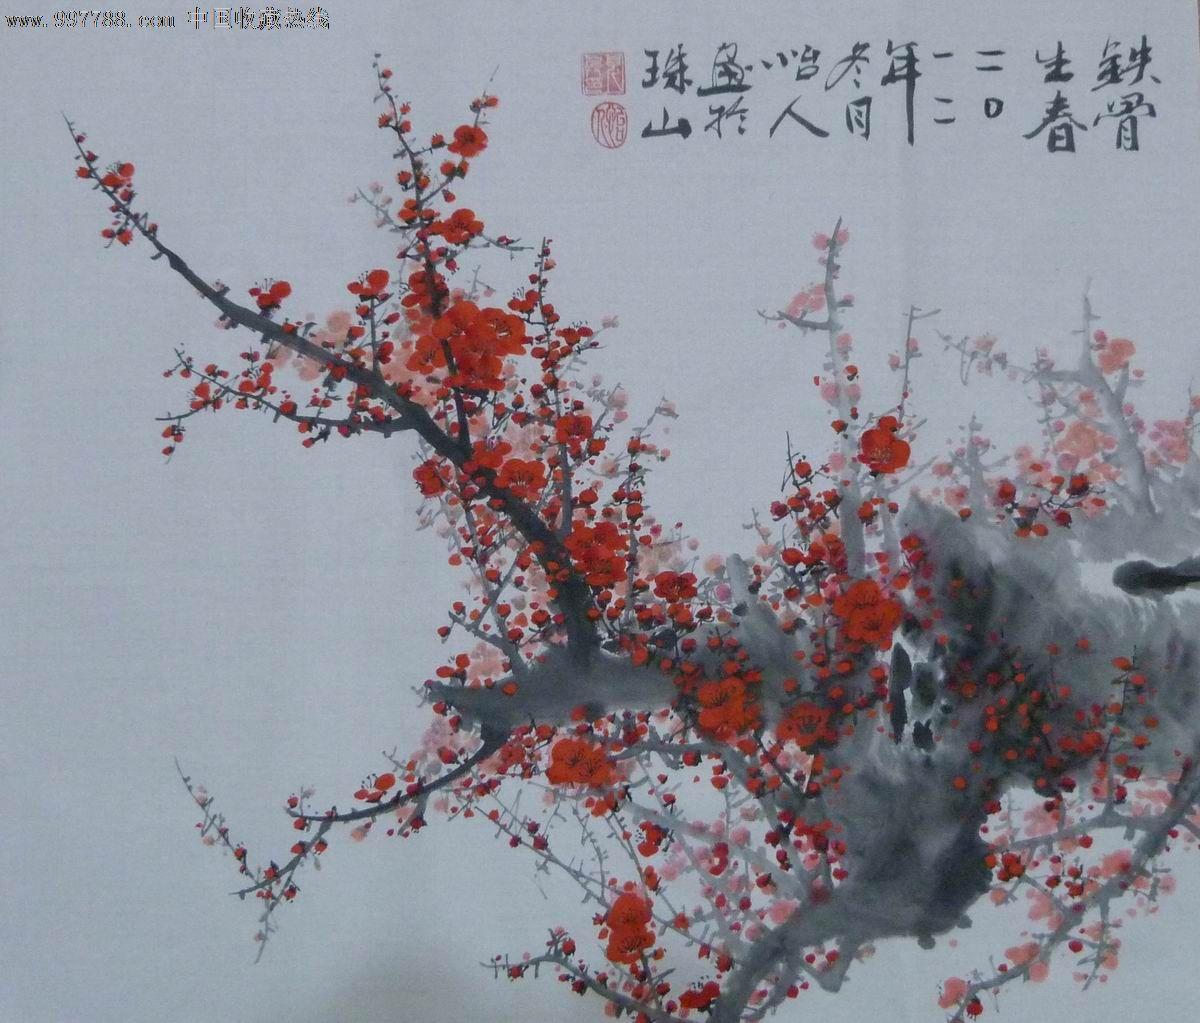 中国画写意花鸟 铁骨生春